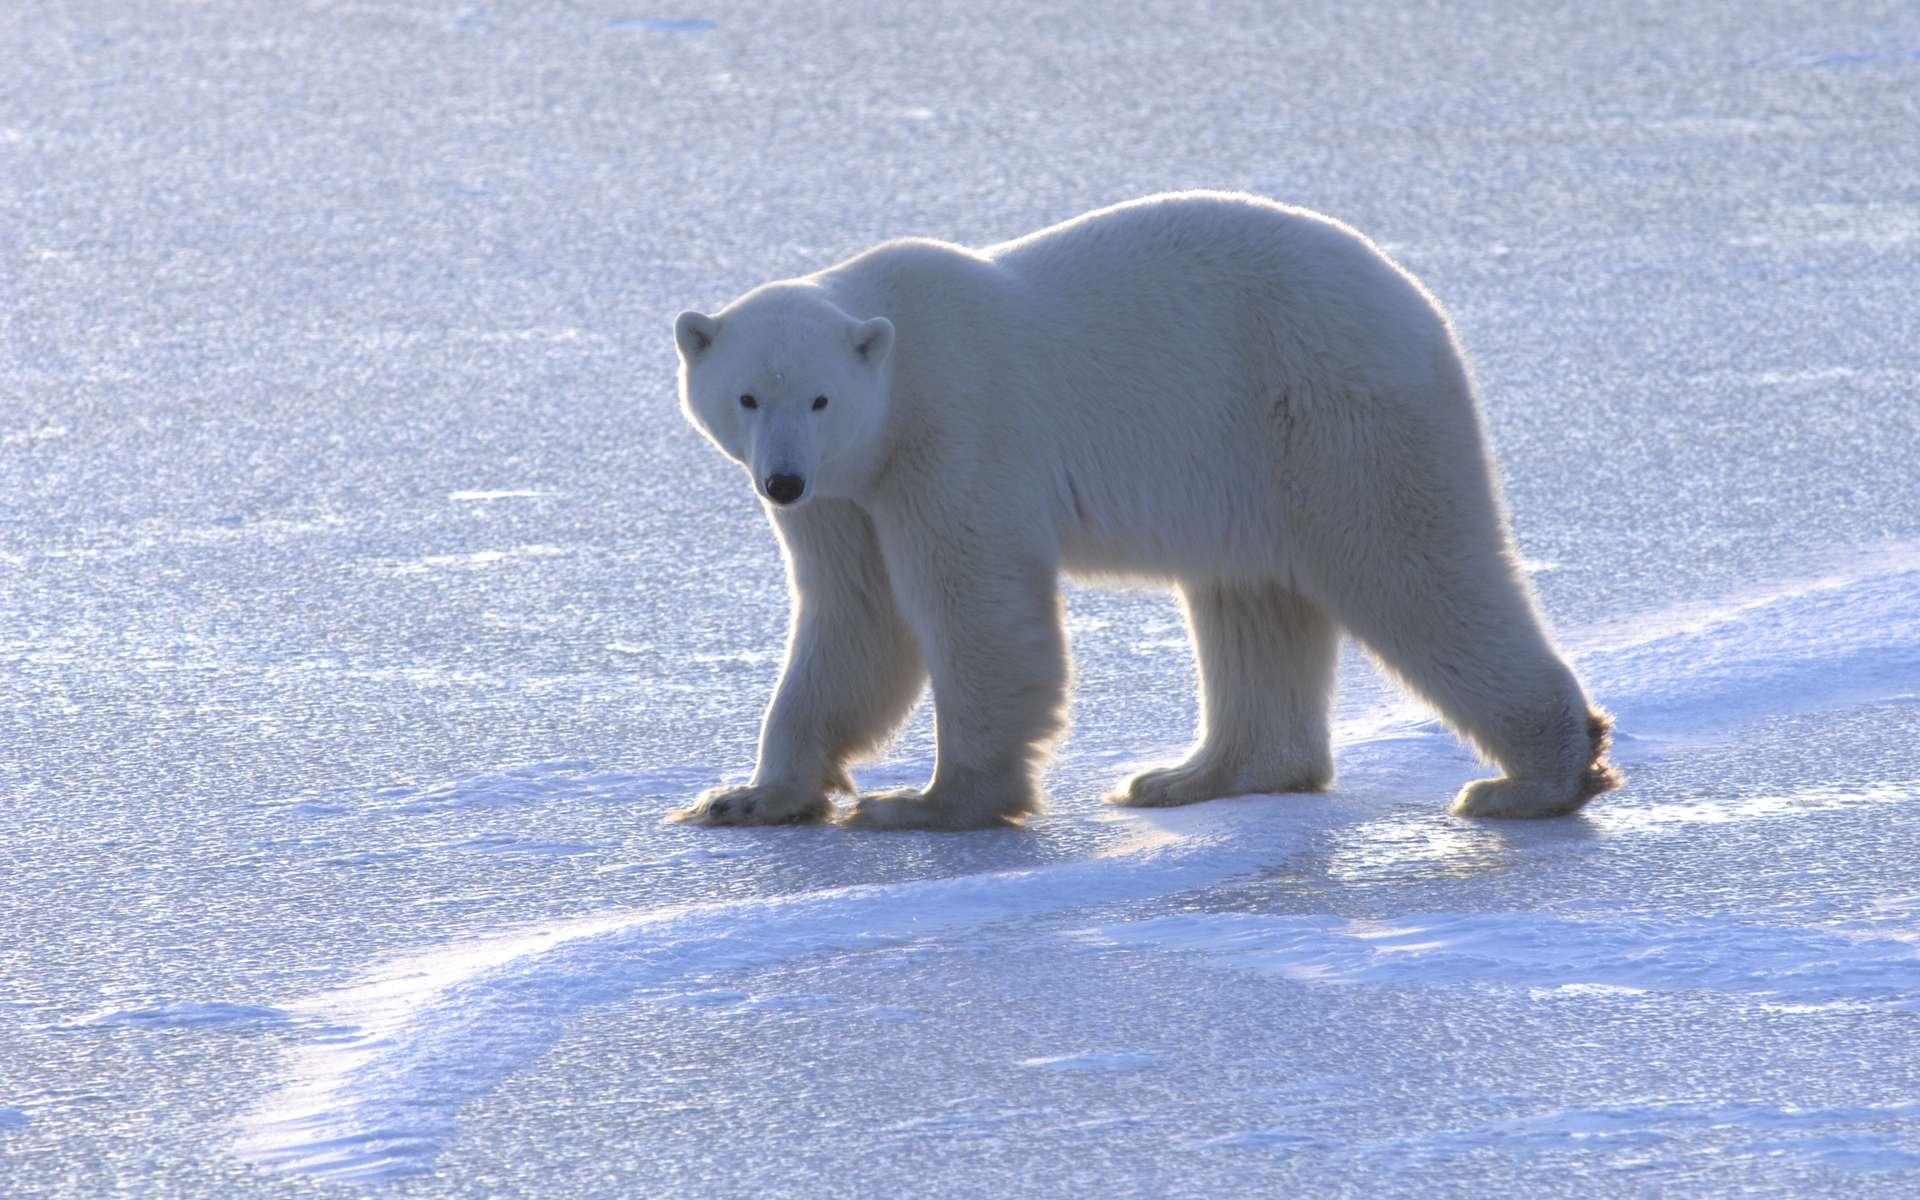 Un ours polaire adulte sur un lac près des rives de la baie d'Hudson, au Manitoba, au Canada. C'est le mois de novembre, il attend que de la glace de mer se reforme. © Andrew Derocher, University of Alberta